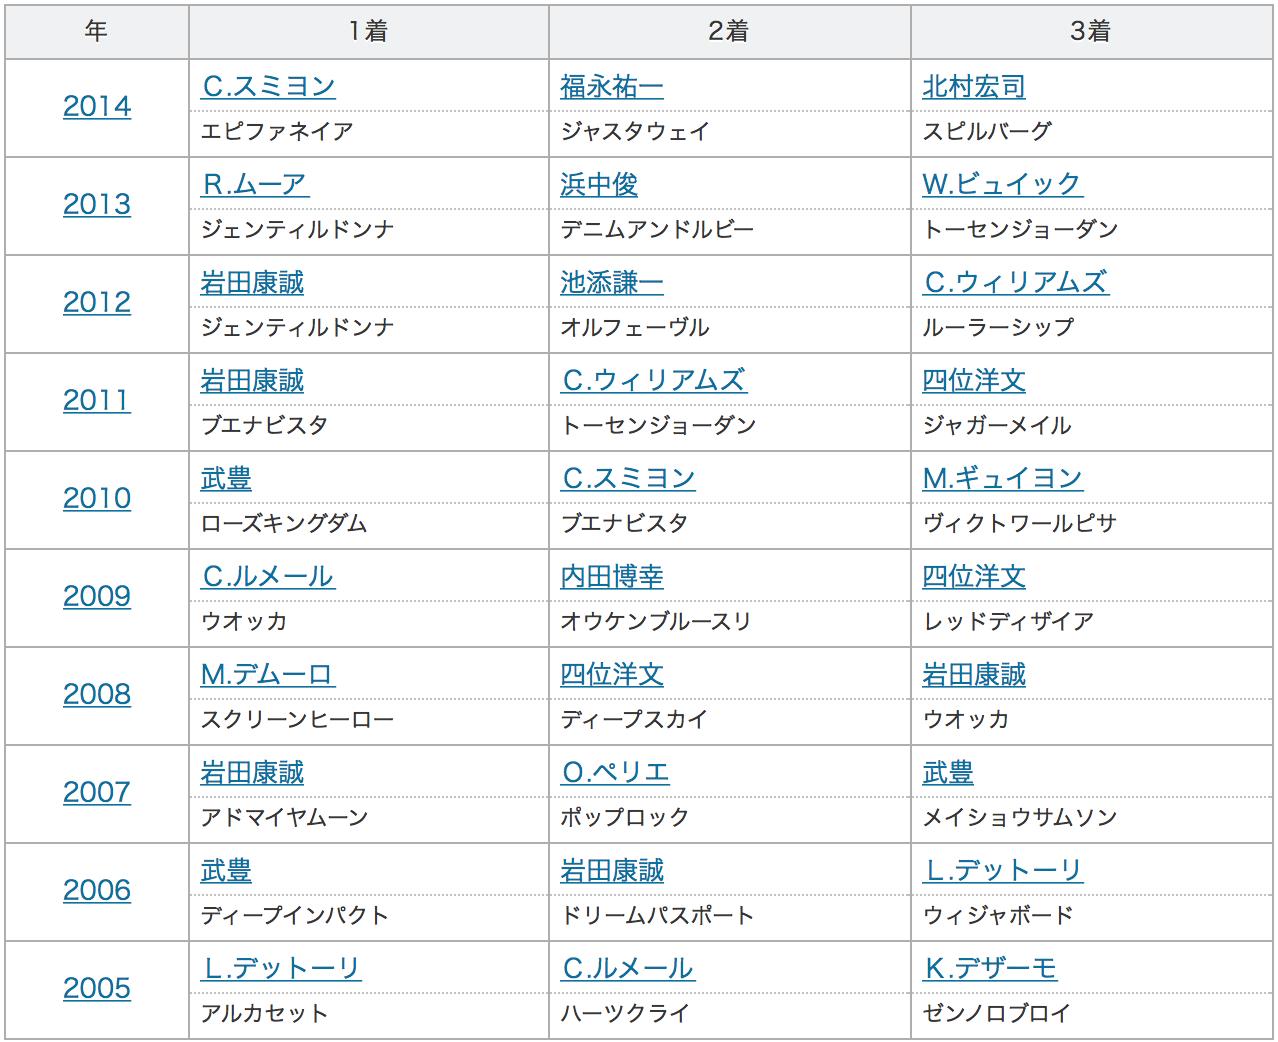 ジャパンカップ成績